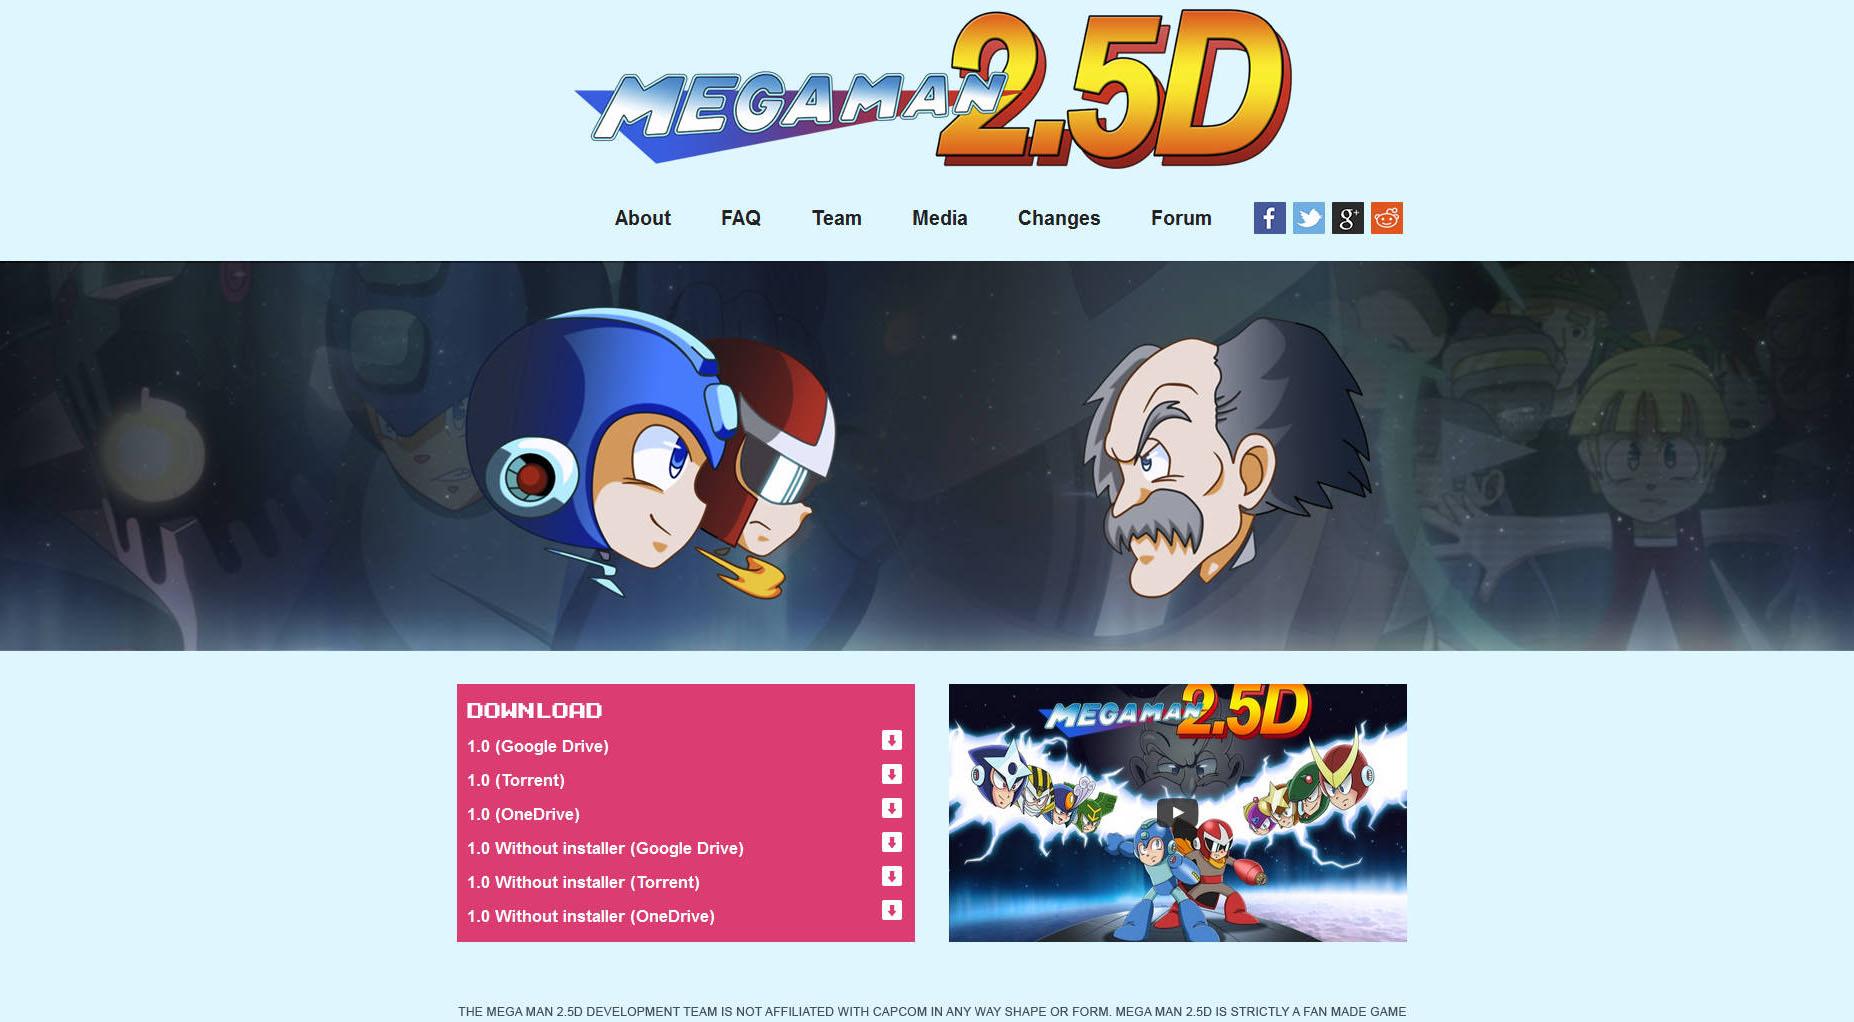 메가맨 2.5D(록맨 2.5D)